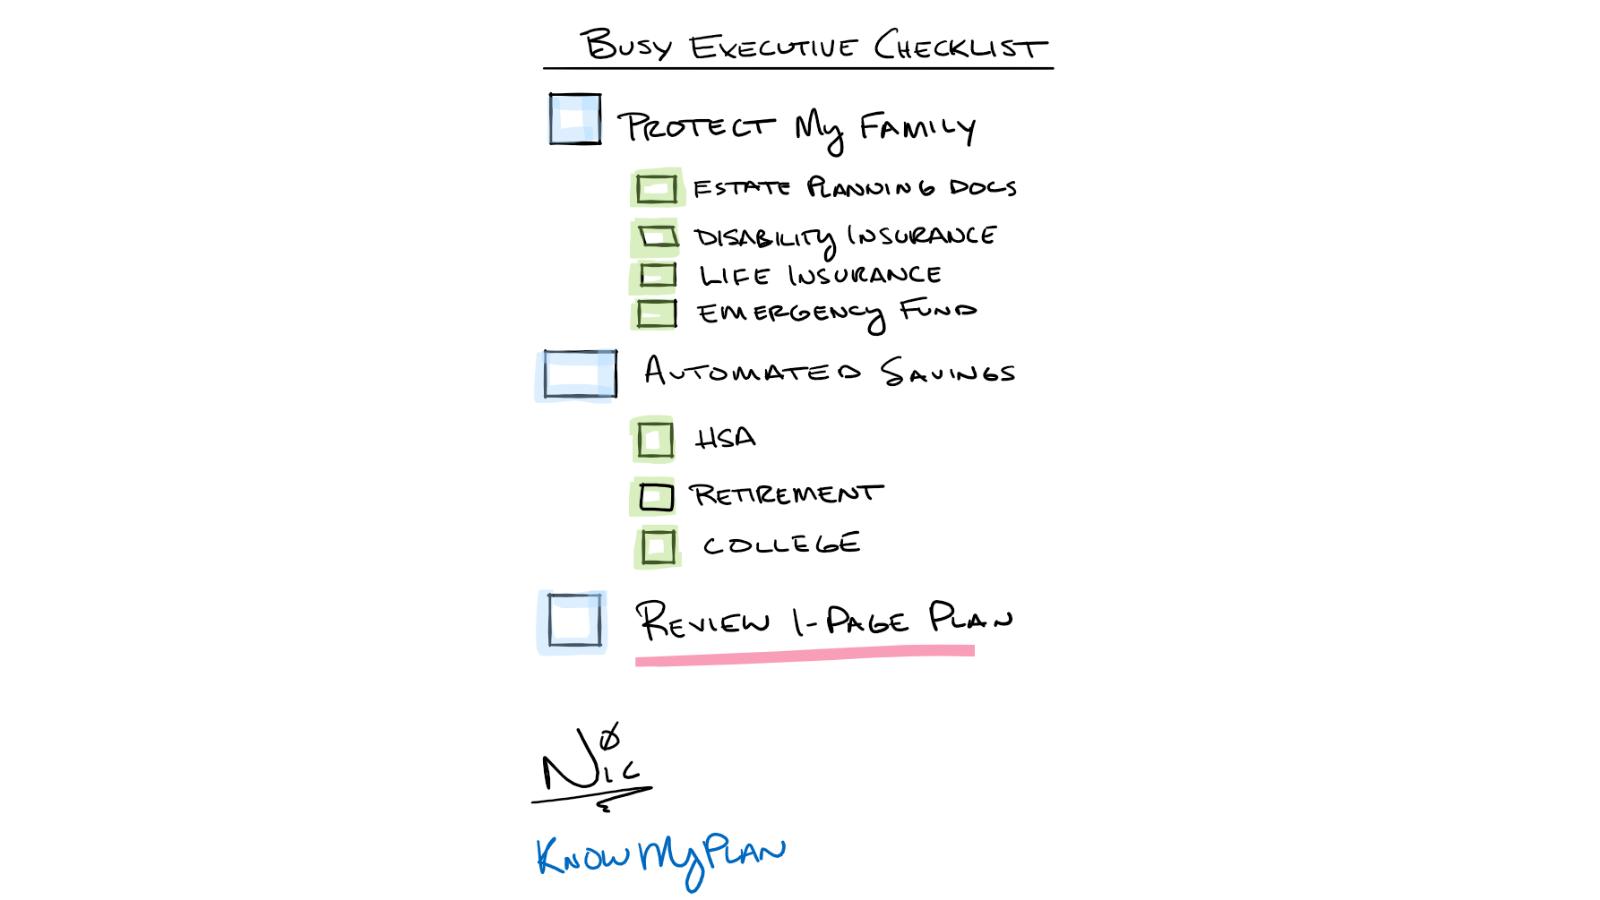 busy executive checklist